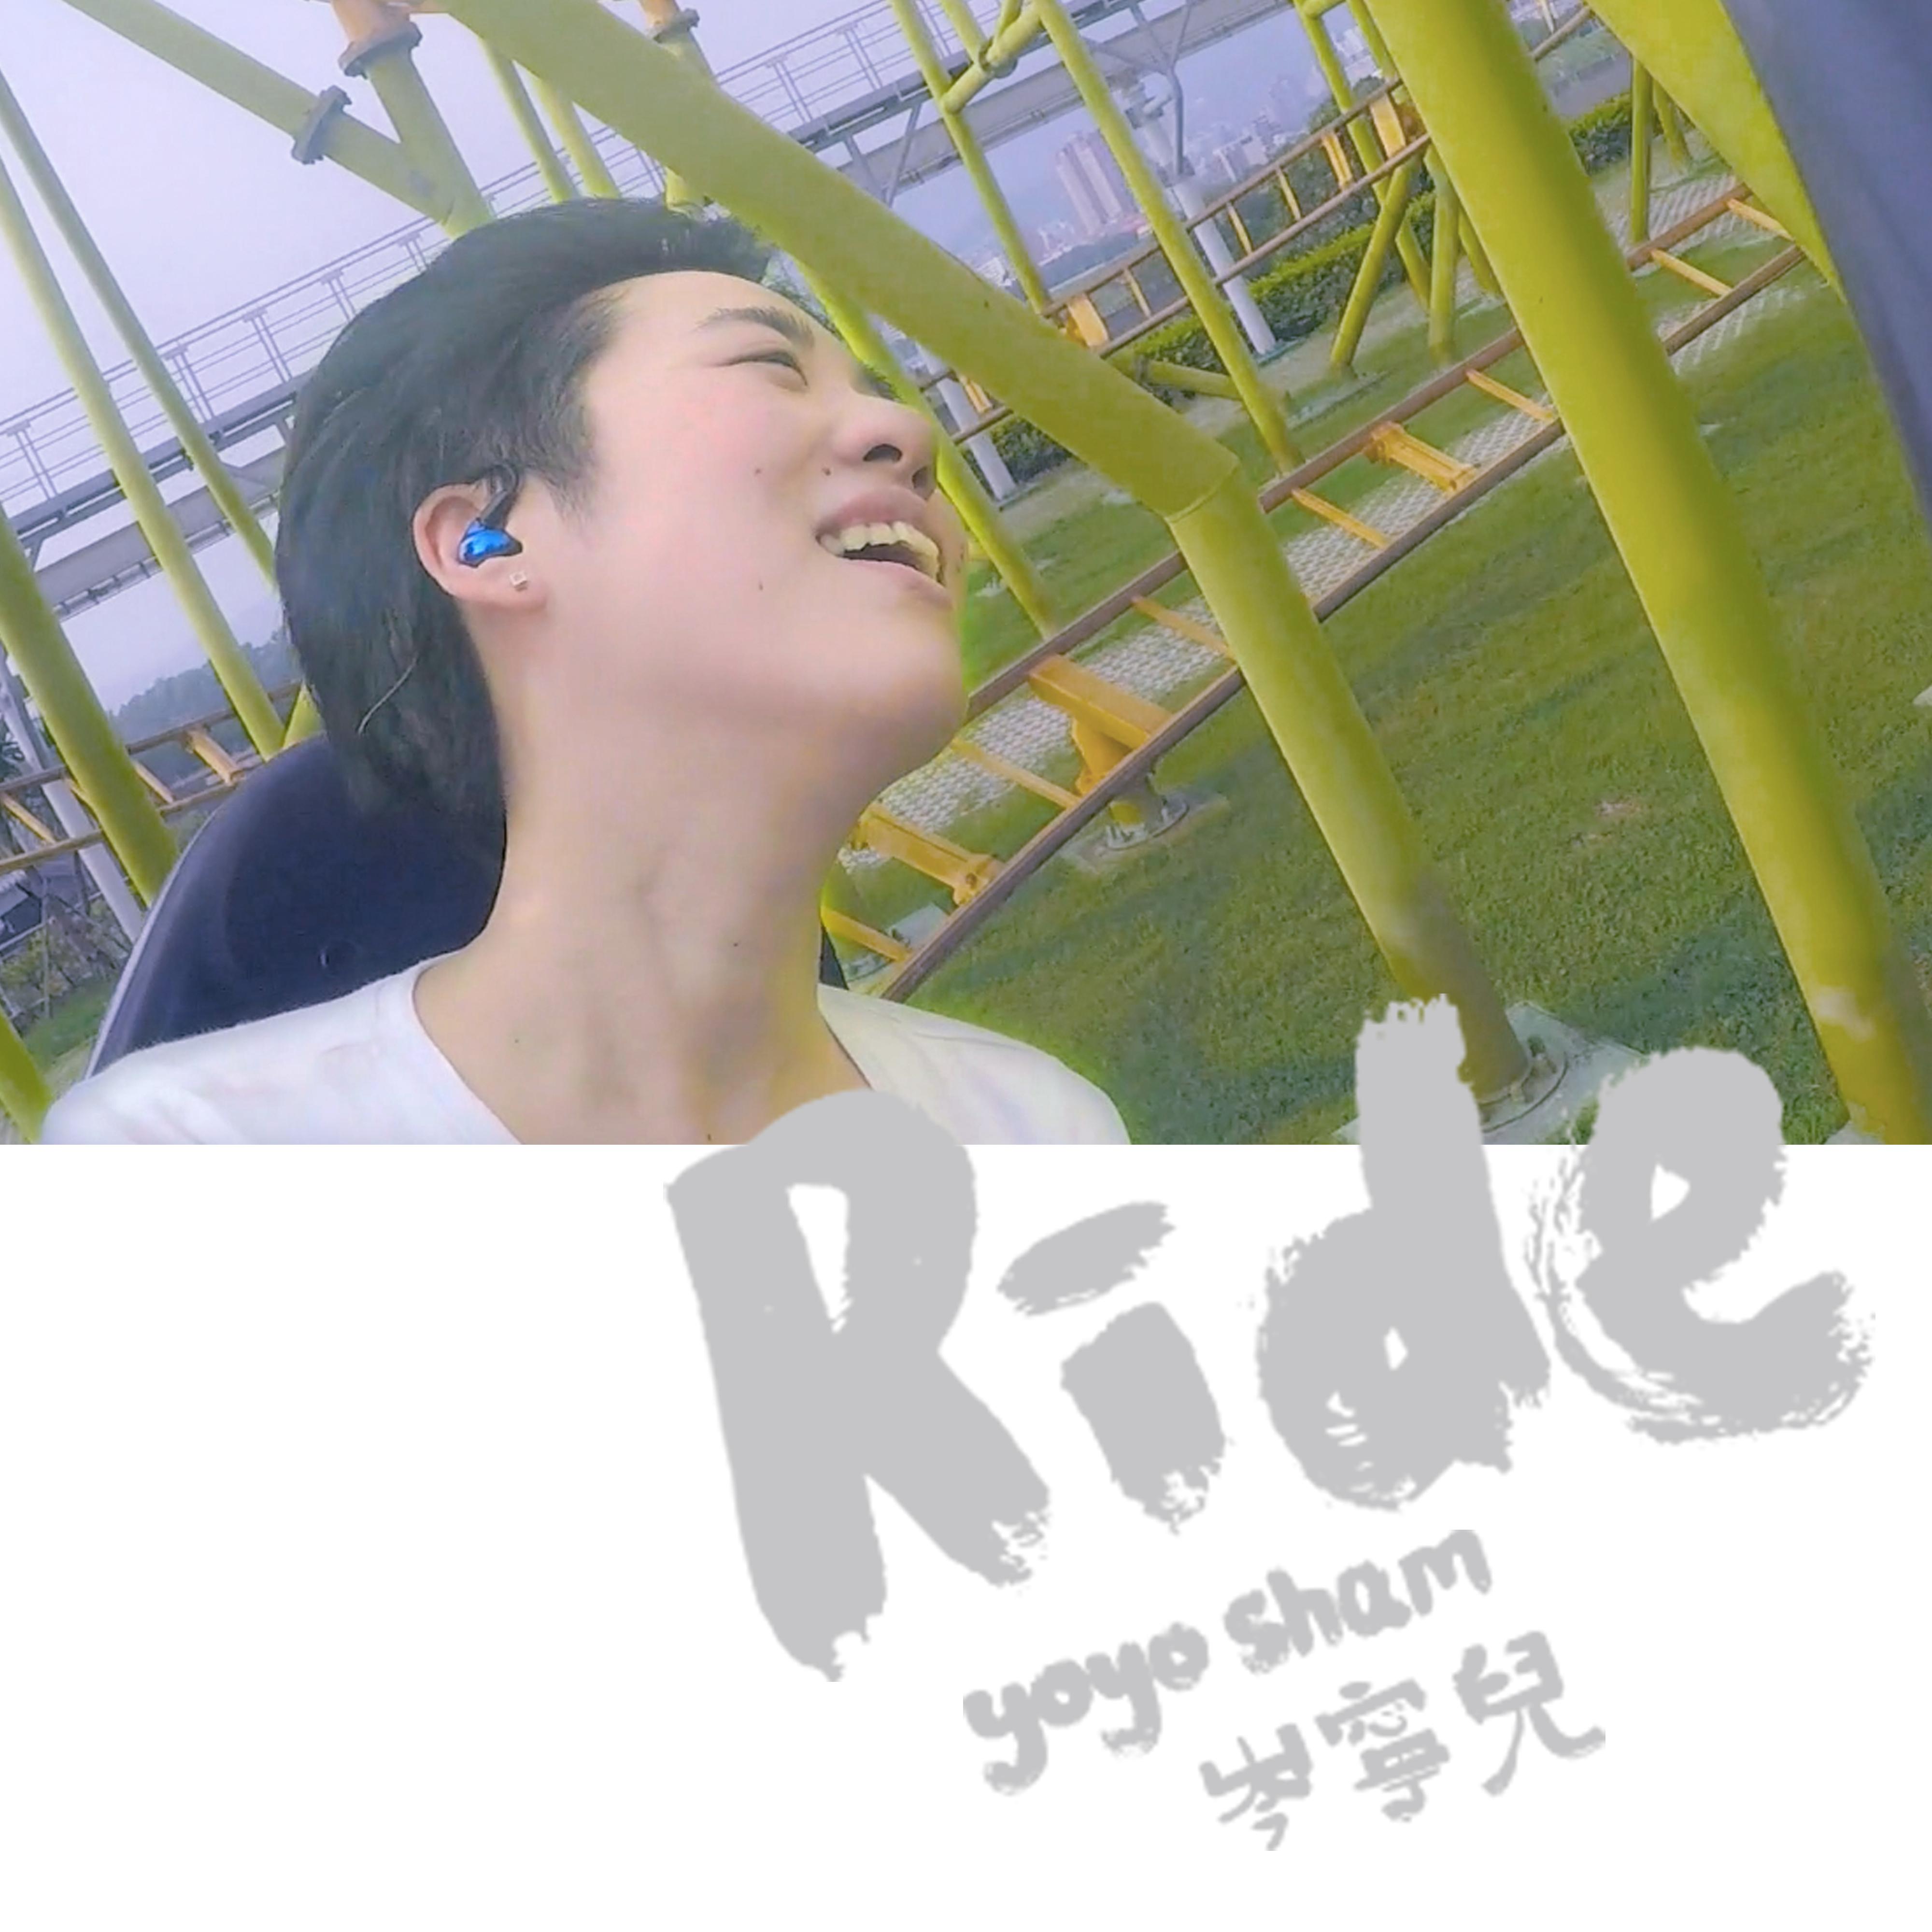 岑宁儿 Yoyo Sham全新单曲《Ride》今日发布,邀你